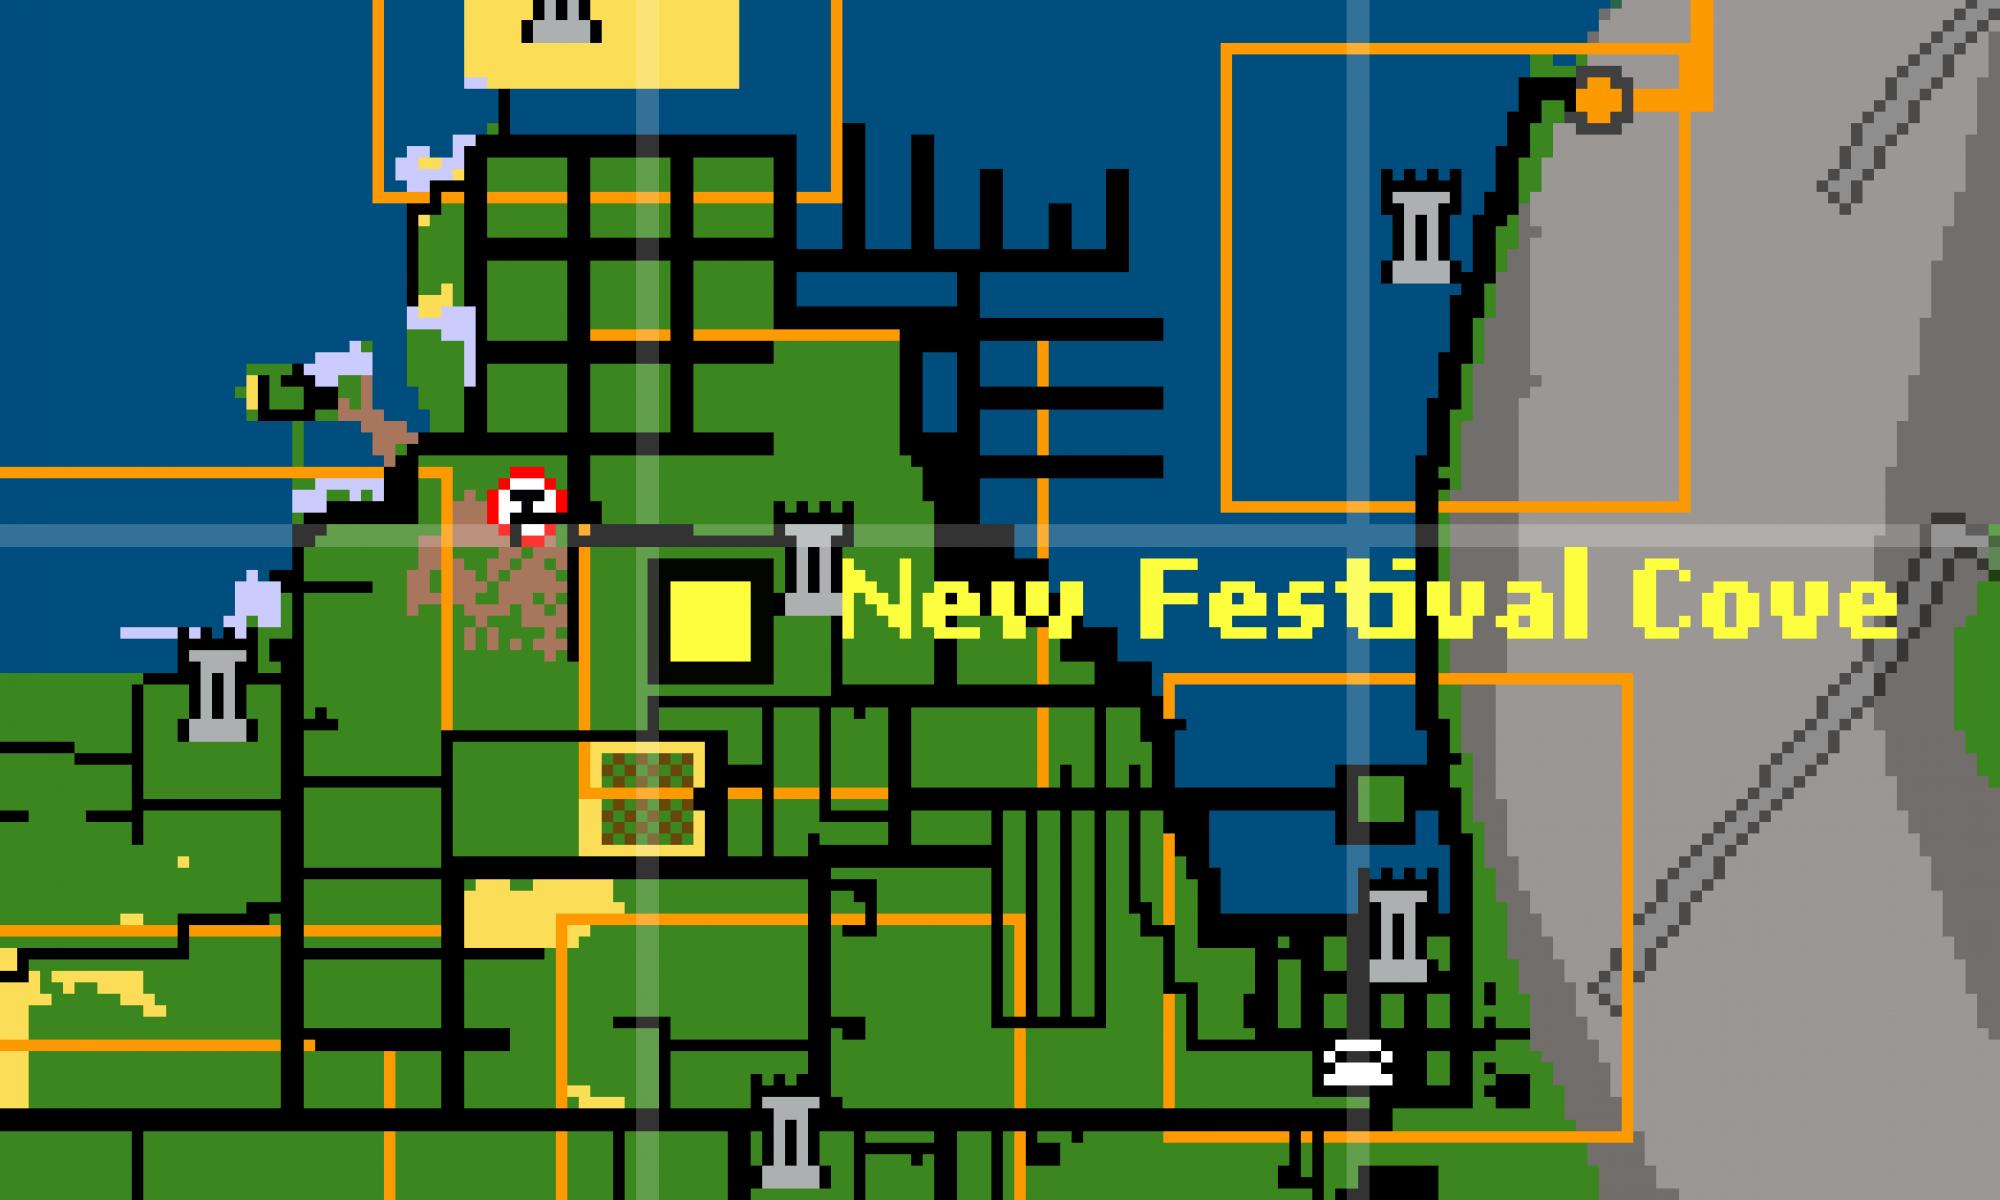 New Festival Cove